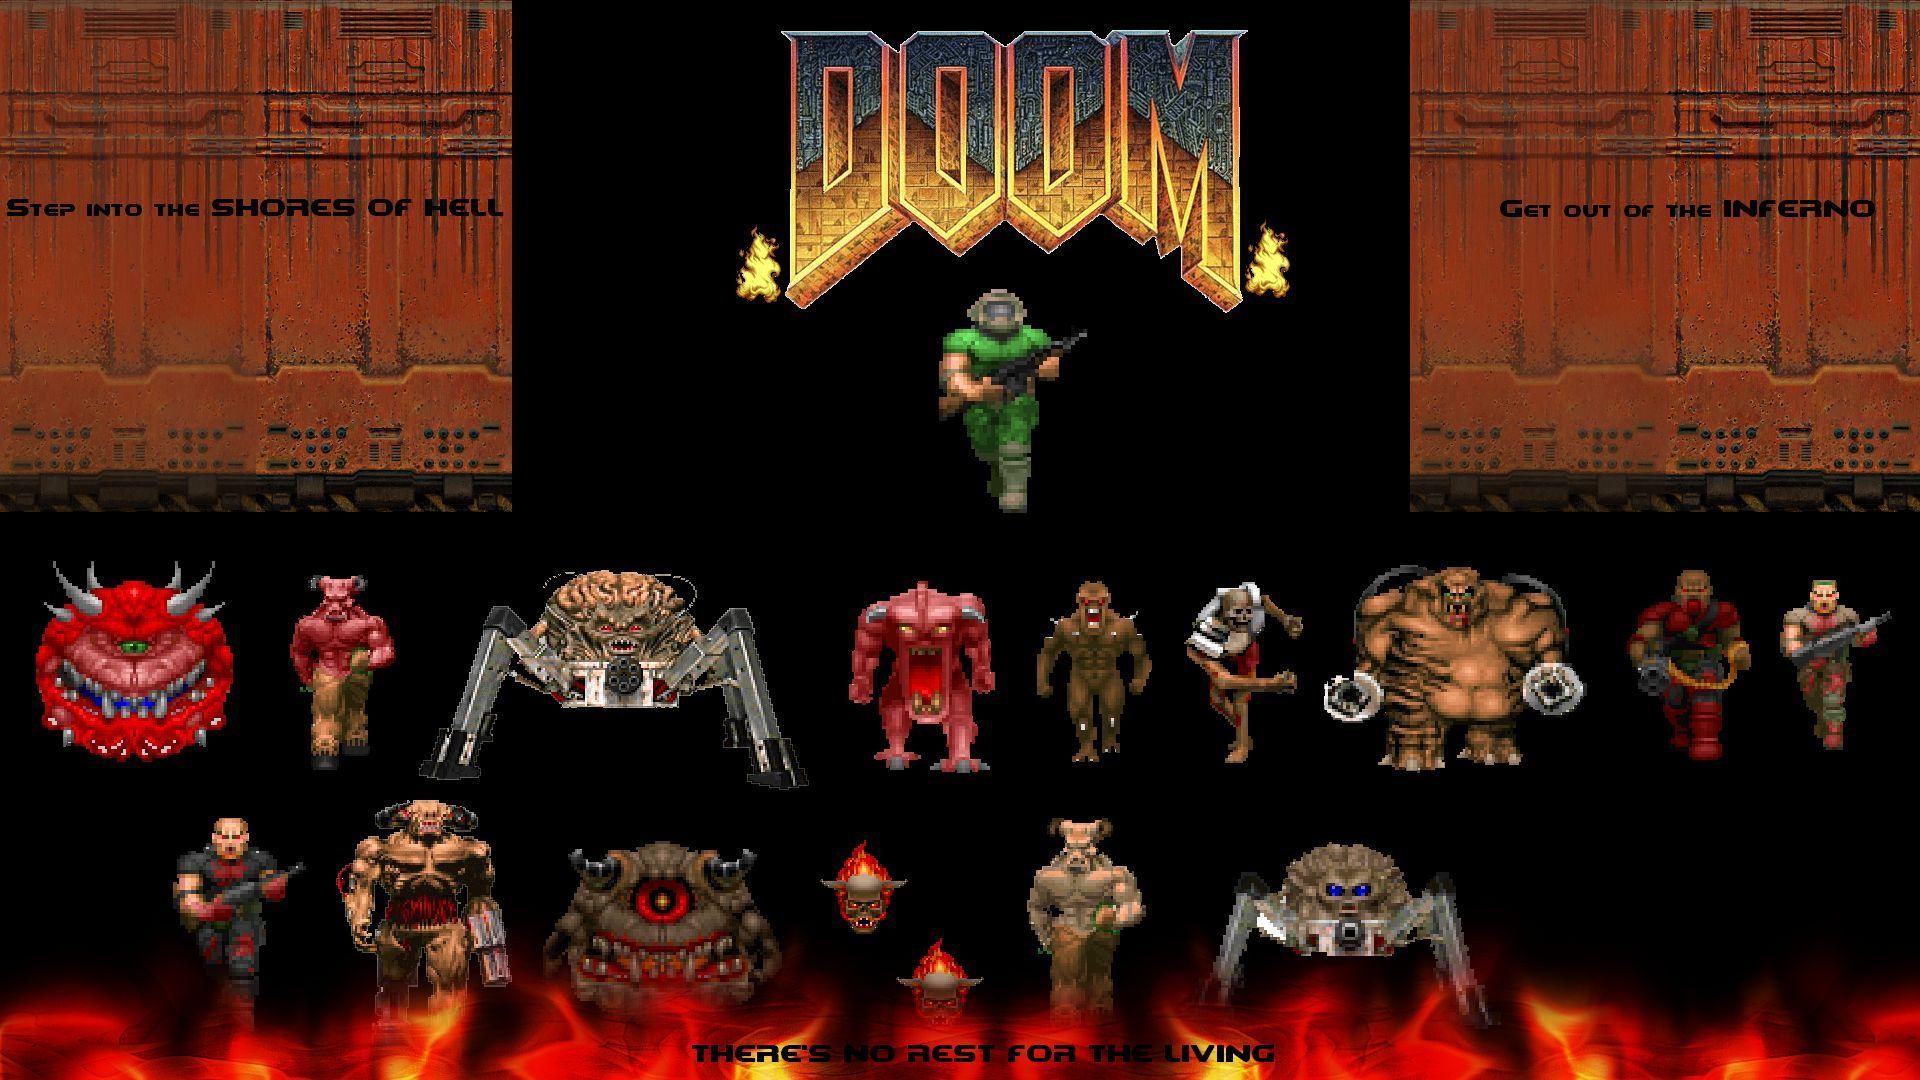 11171 - ¿Cuántos demonios de DooM reconoces?